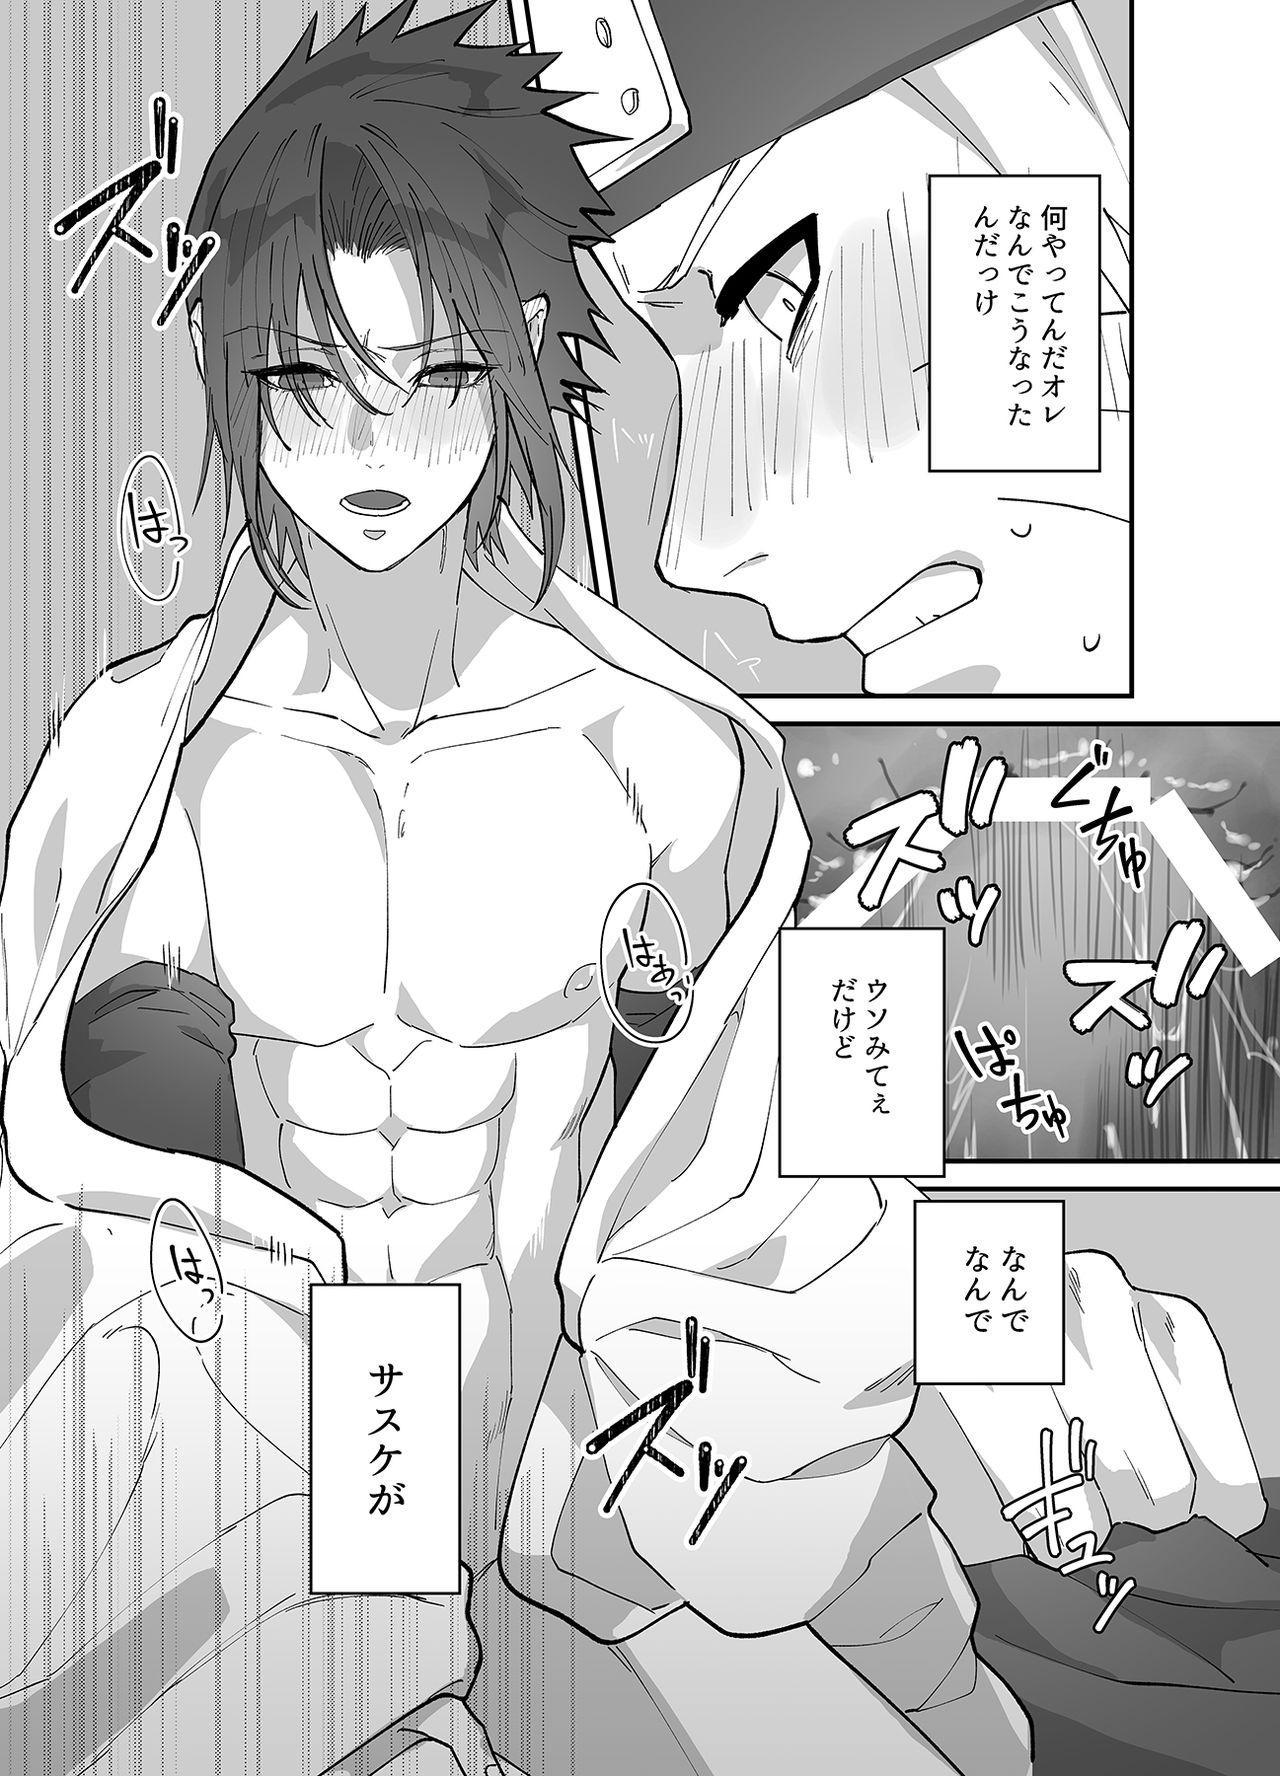 NaruSasu Only Kaisei Omedetougozaimasu! 2